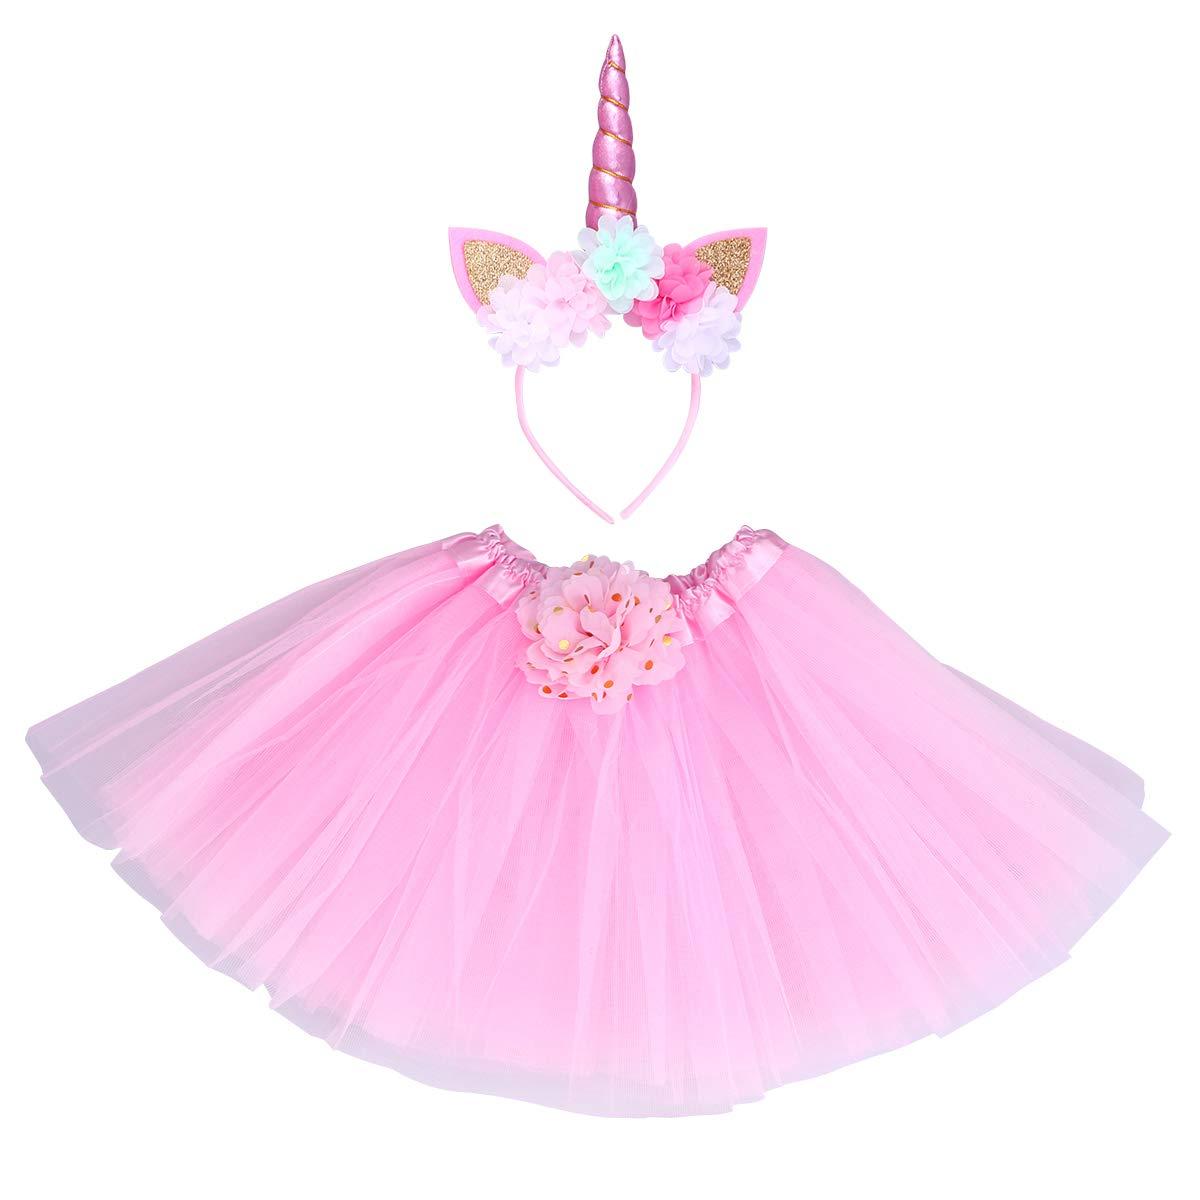 achat Toyvian Costume Licorne Fille Serre Tête Fleurs Oreille Corne Licorne Paillettes Jupe Tutu avec Fleur Rose Déguisement Licorne Fille pour Fete Anniversaire Enfants Rose pas cher prix